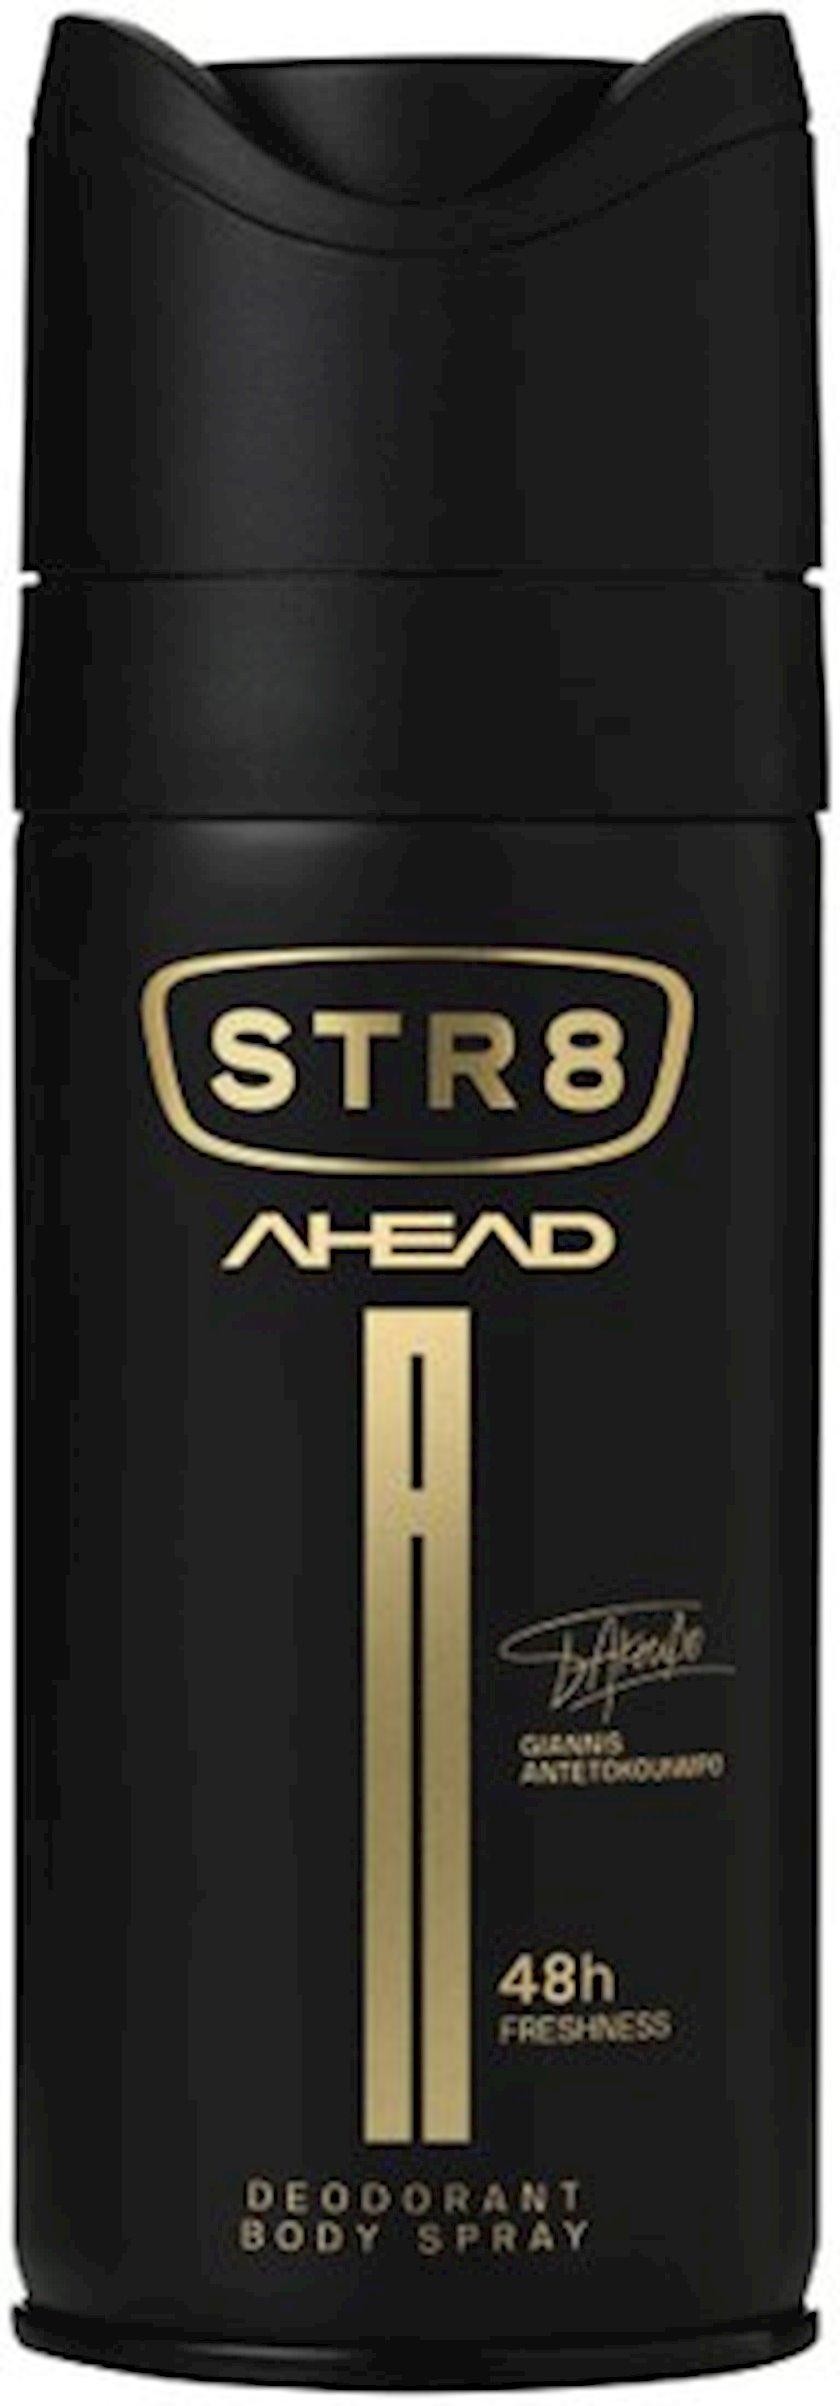 Ətirli dezodorant STR8 Ahead, 150 ml